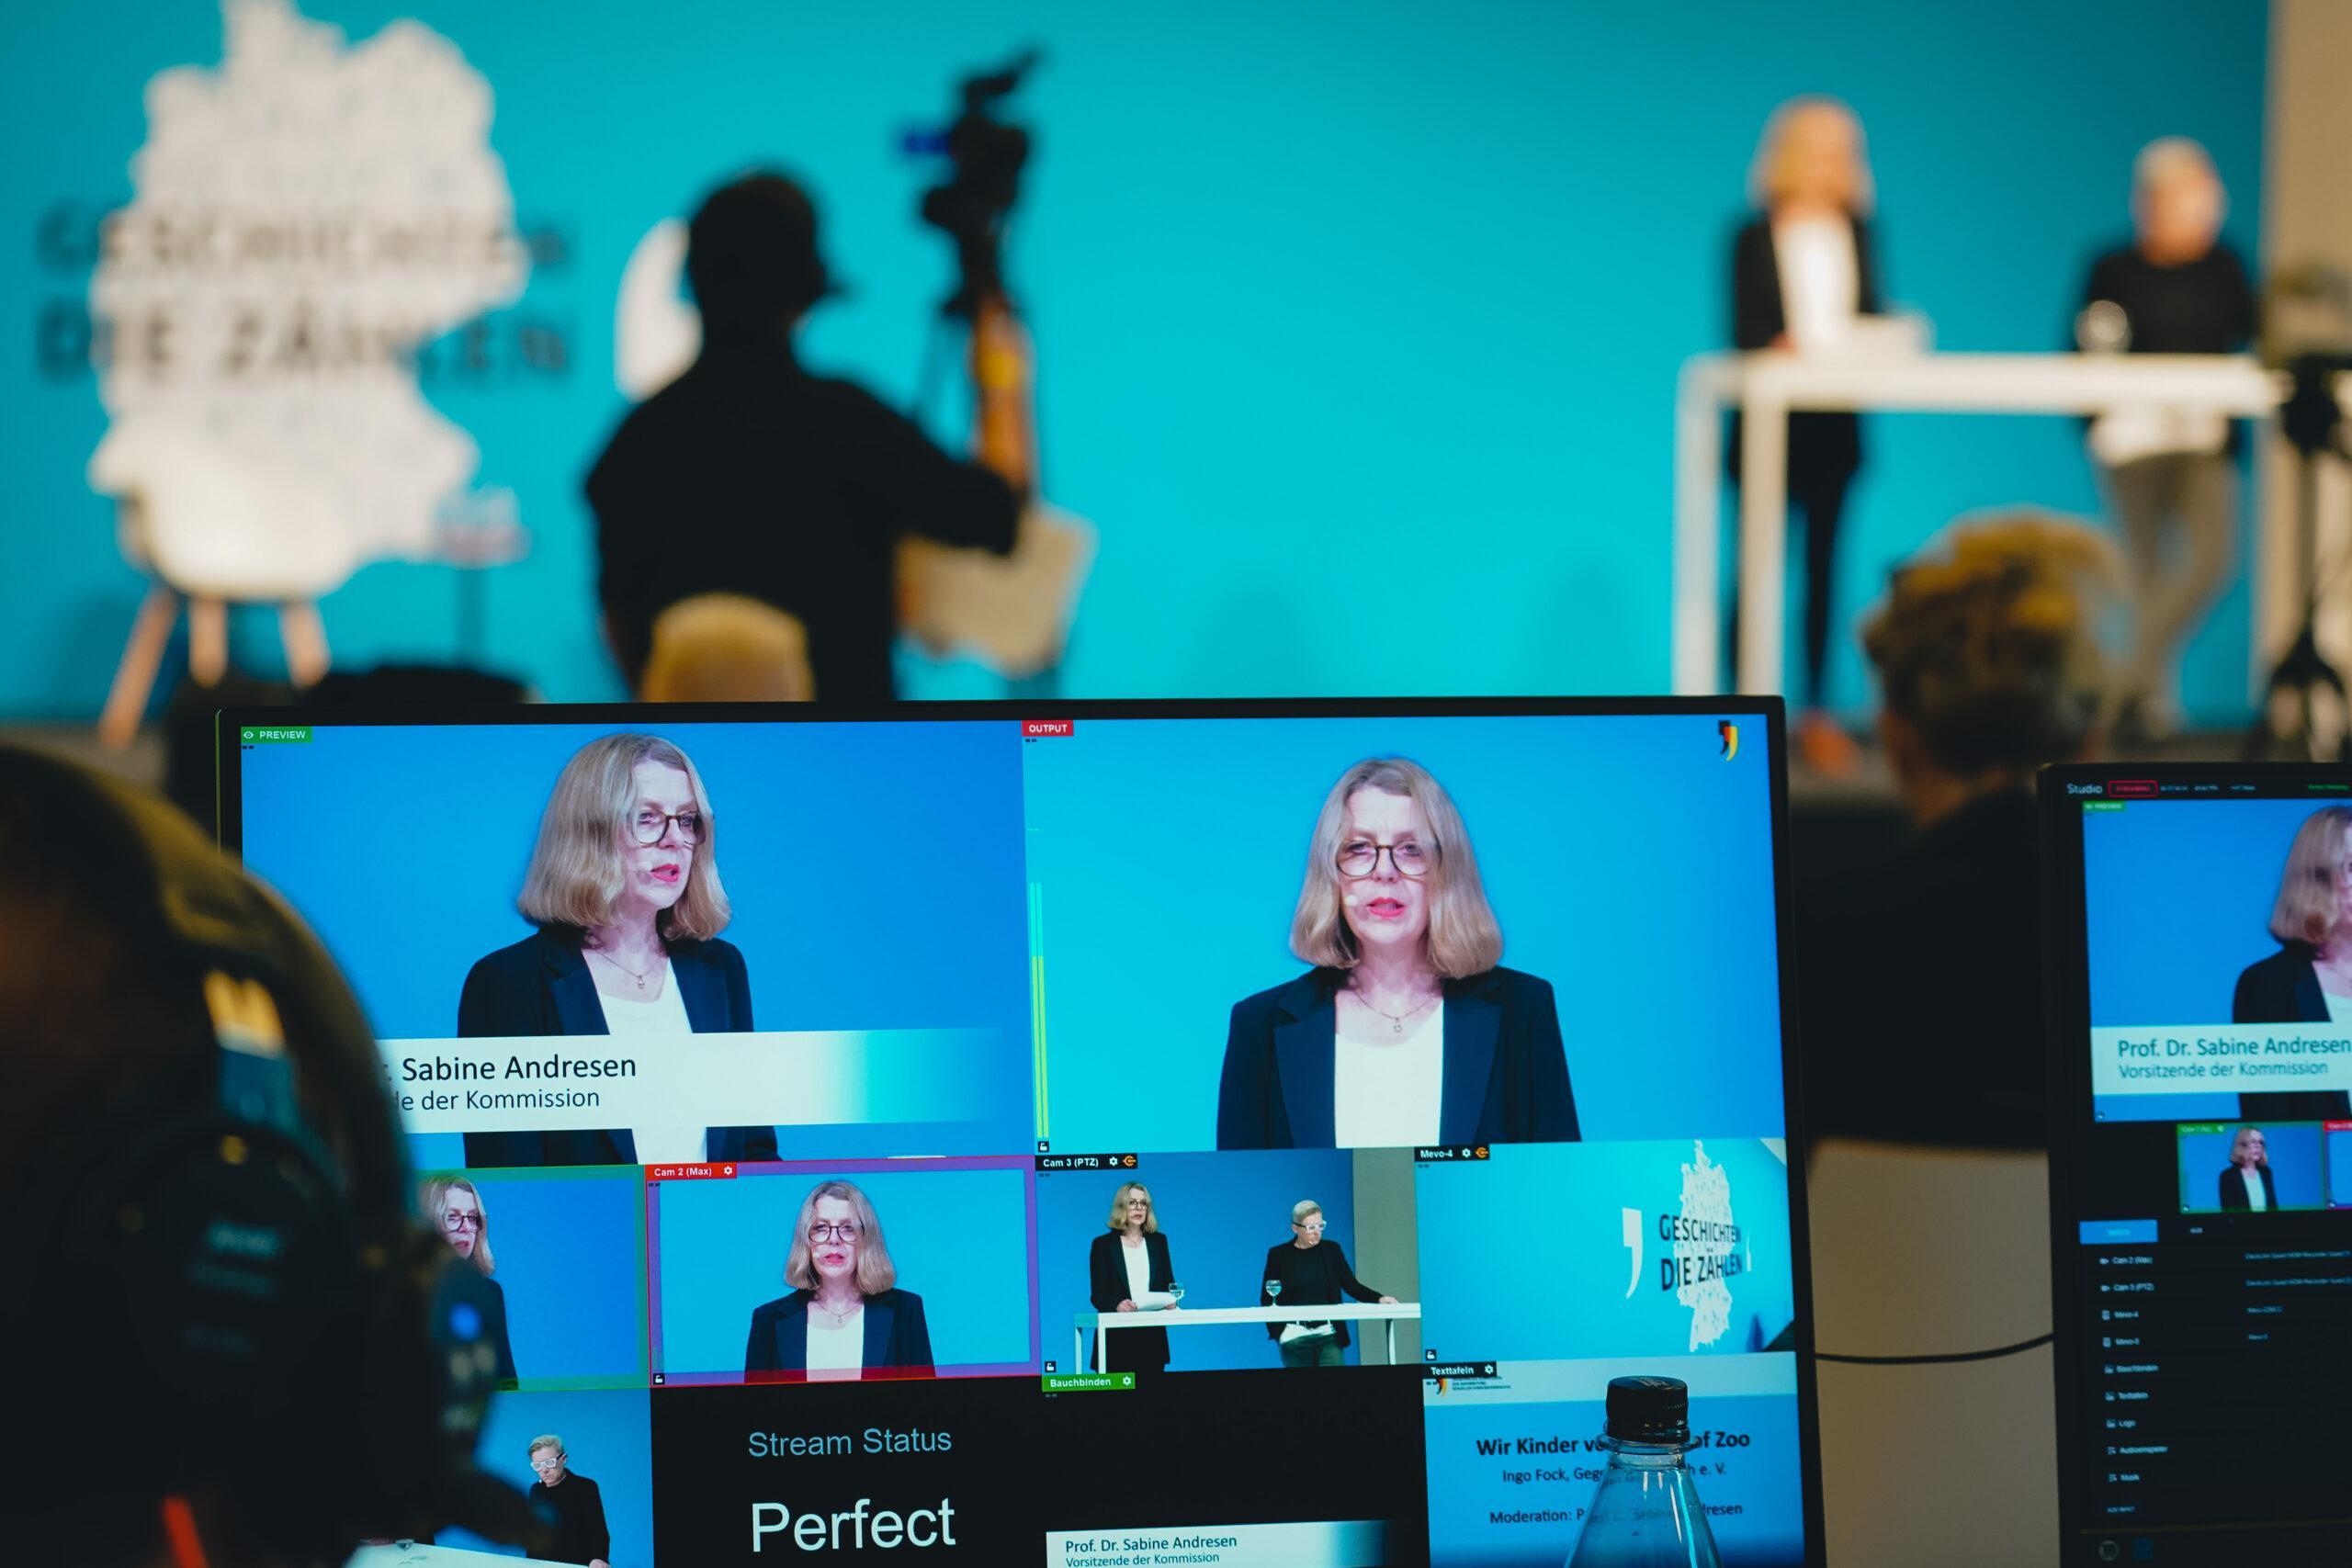 Auf einem Bildschirm im Vordergrund befinden sich mehrere Personen, die in die Kamera schauen und sprechen. Im Hintergrund befinden sich eine Bühne und Kameras.